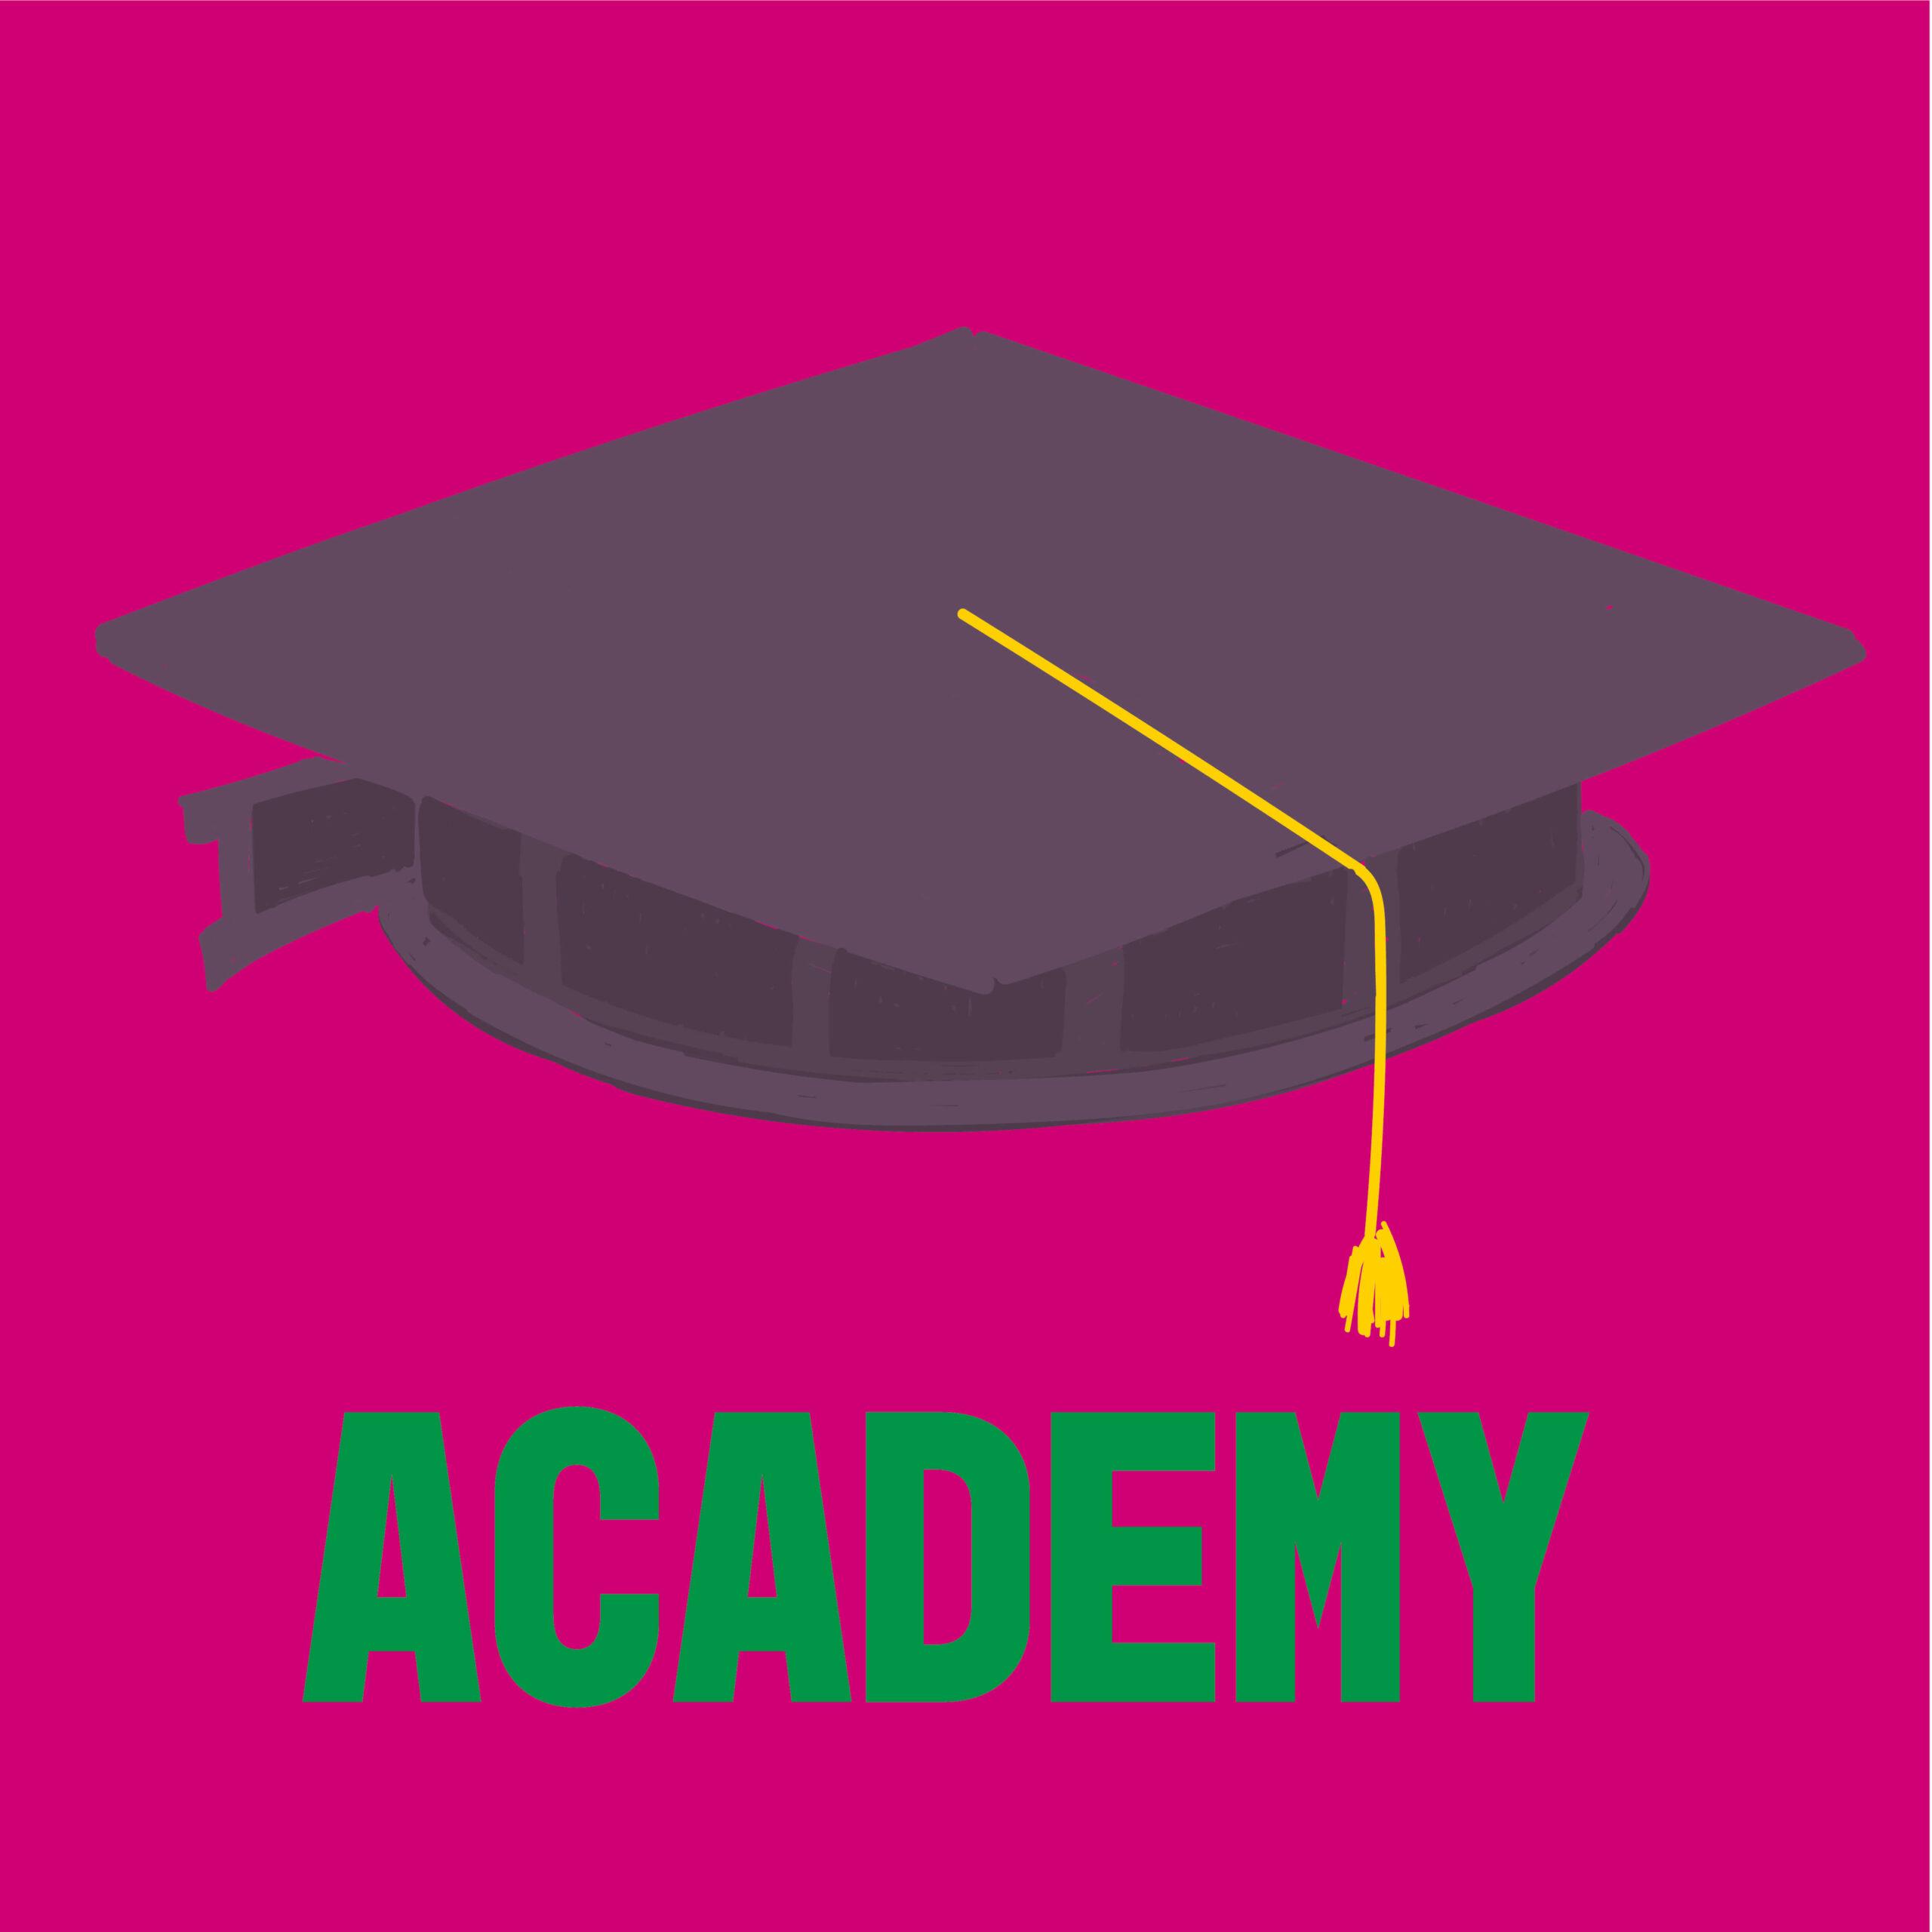 Icona academy